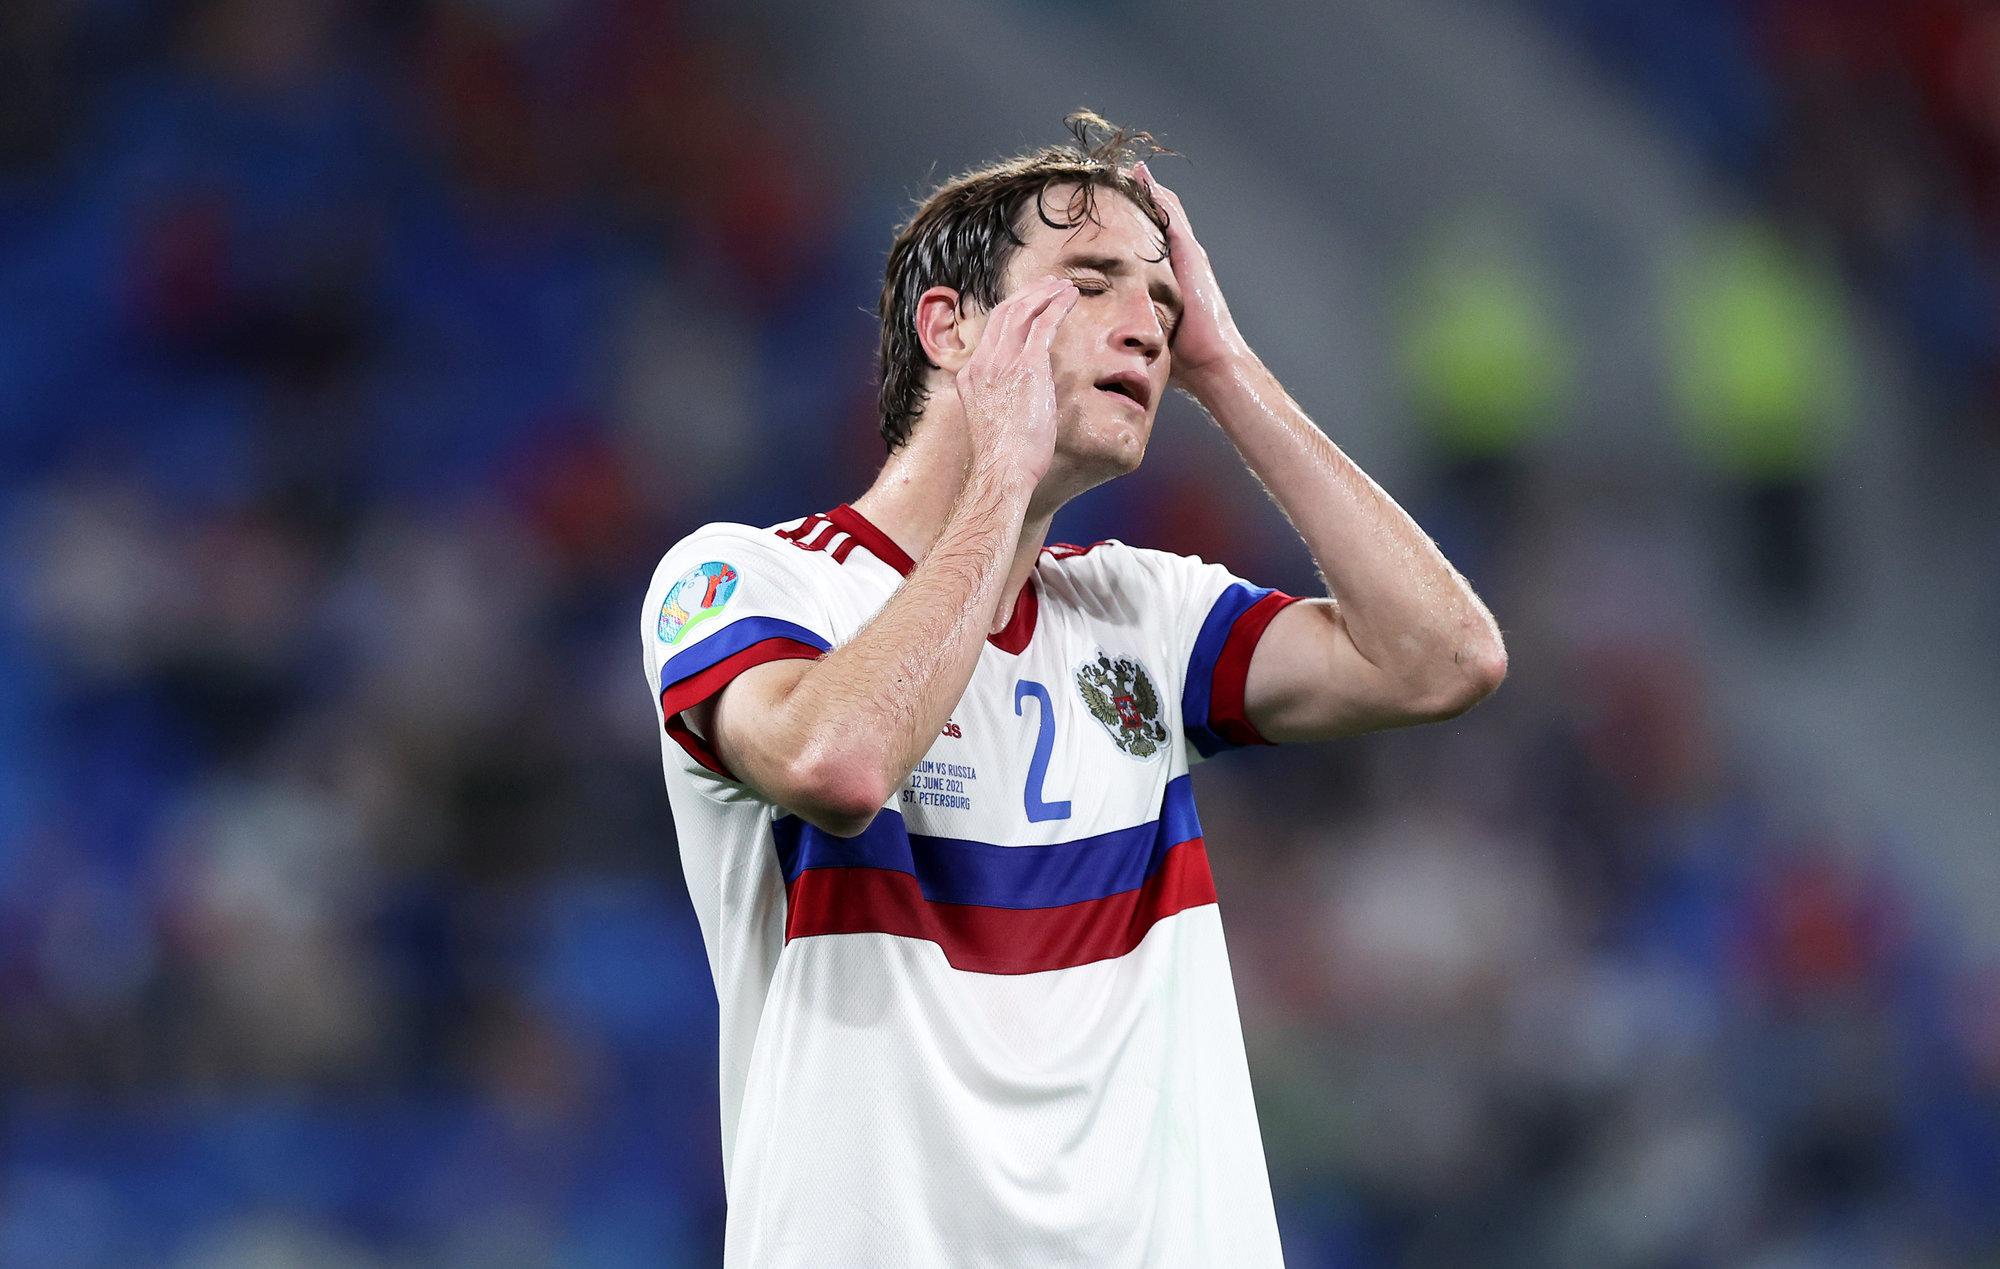 Кавазашвили считает уход Фернандеса ужасом и огромной потерей для сборной России